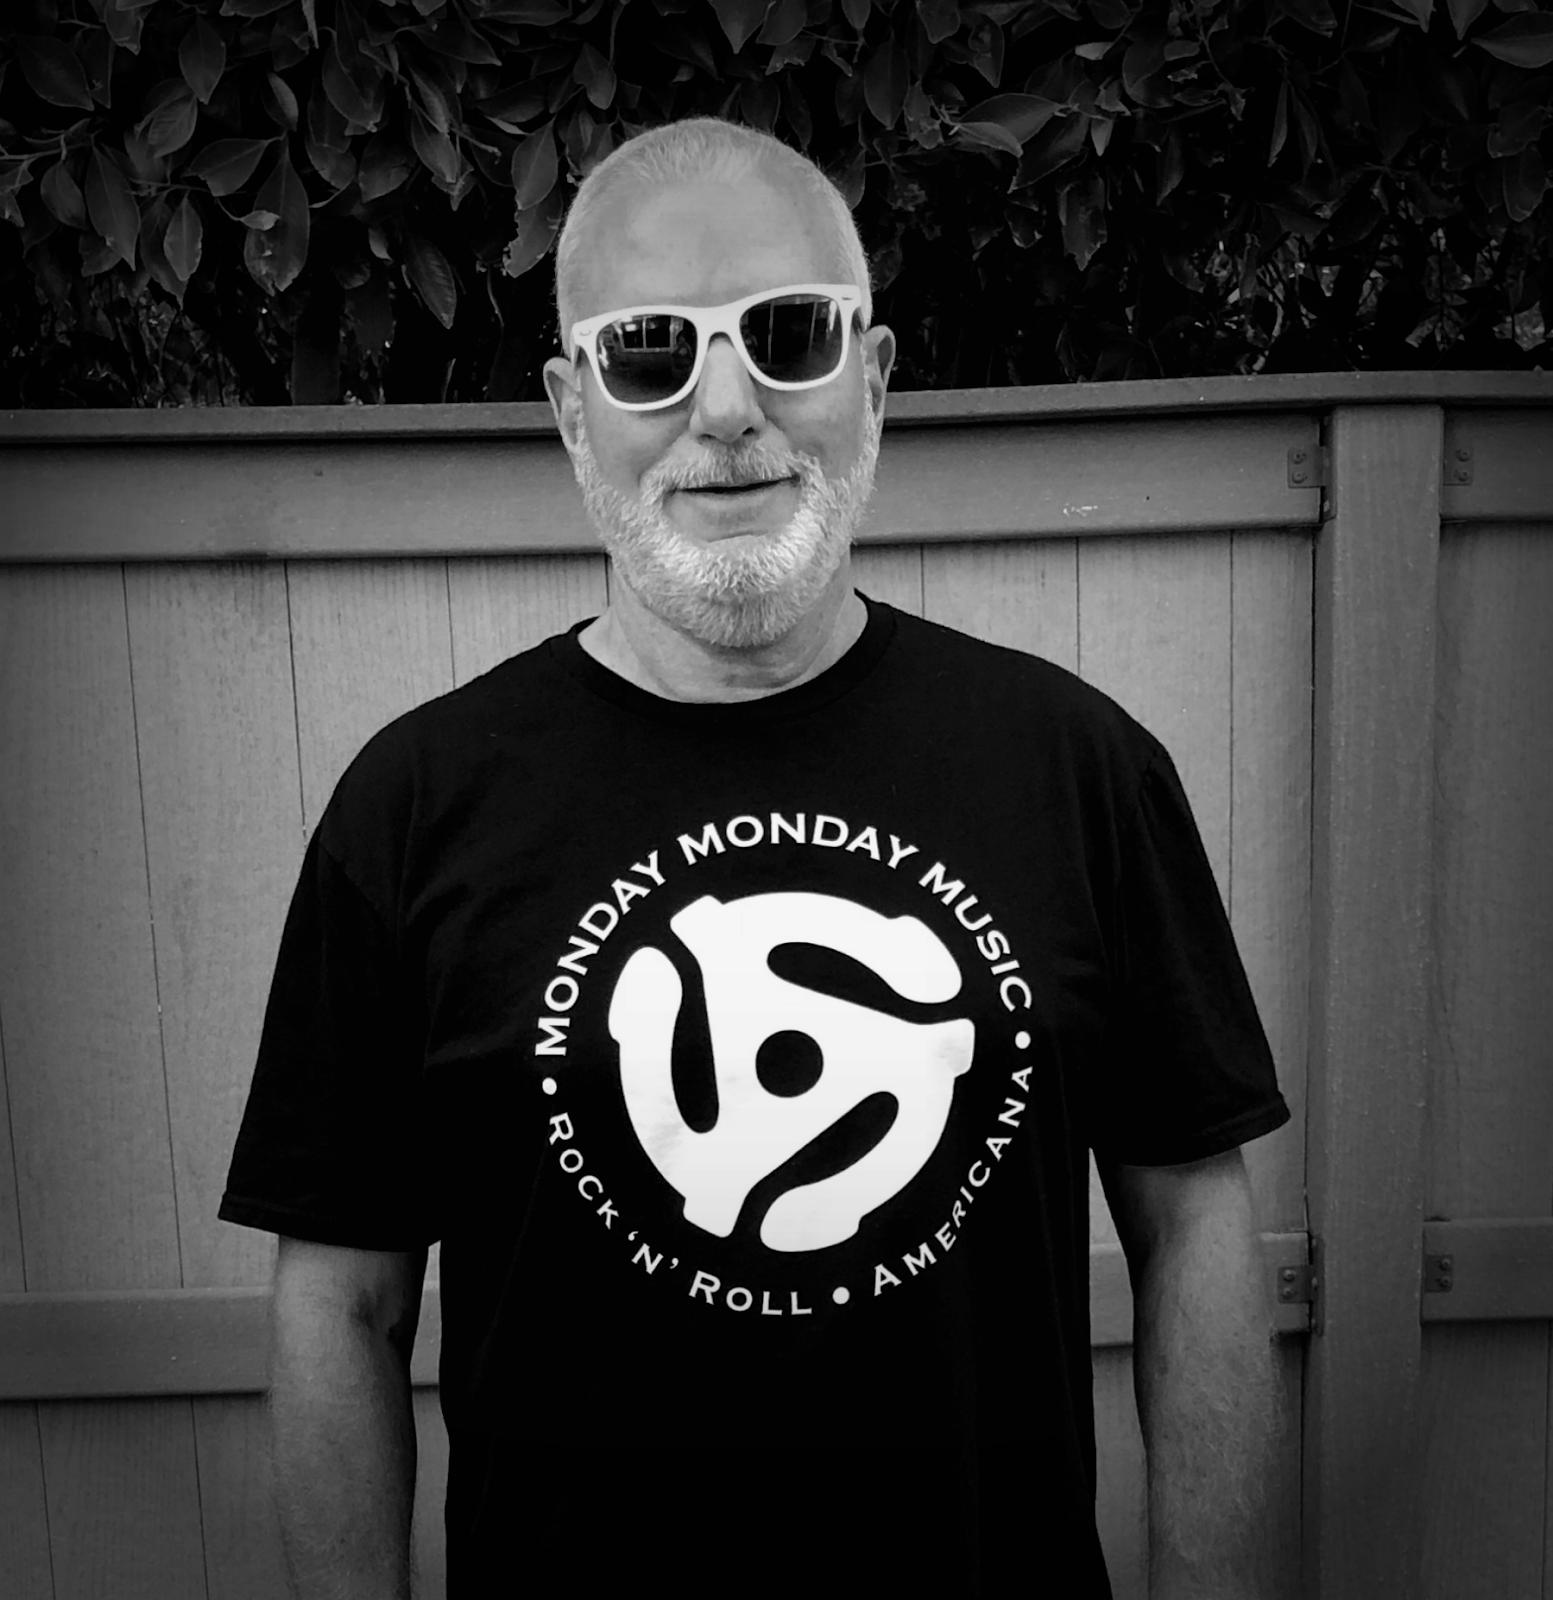 Monday Monday Music by Doug McIntosh